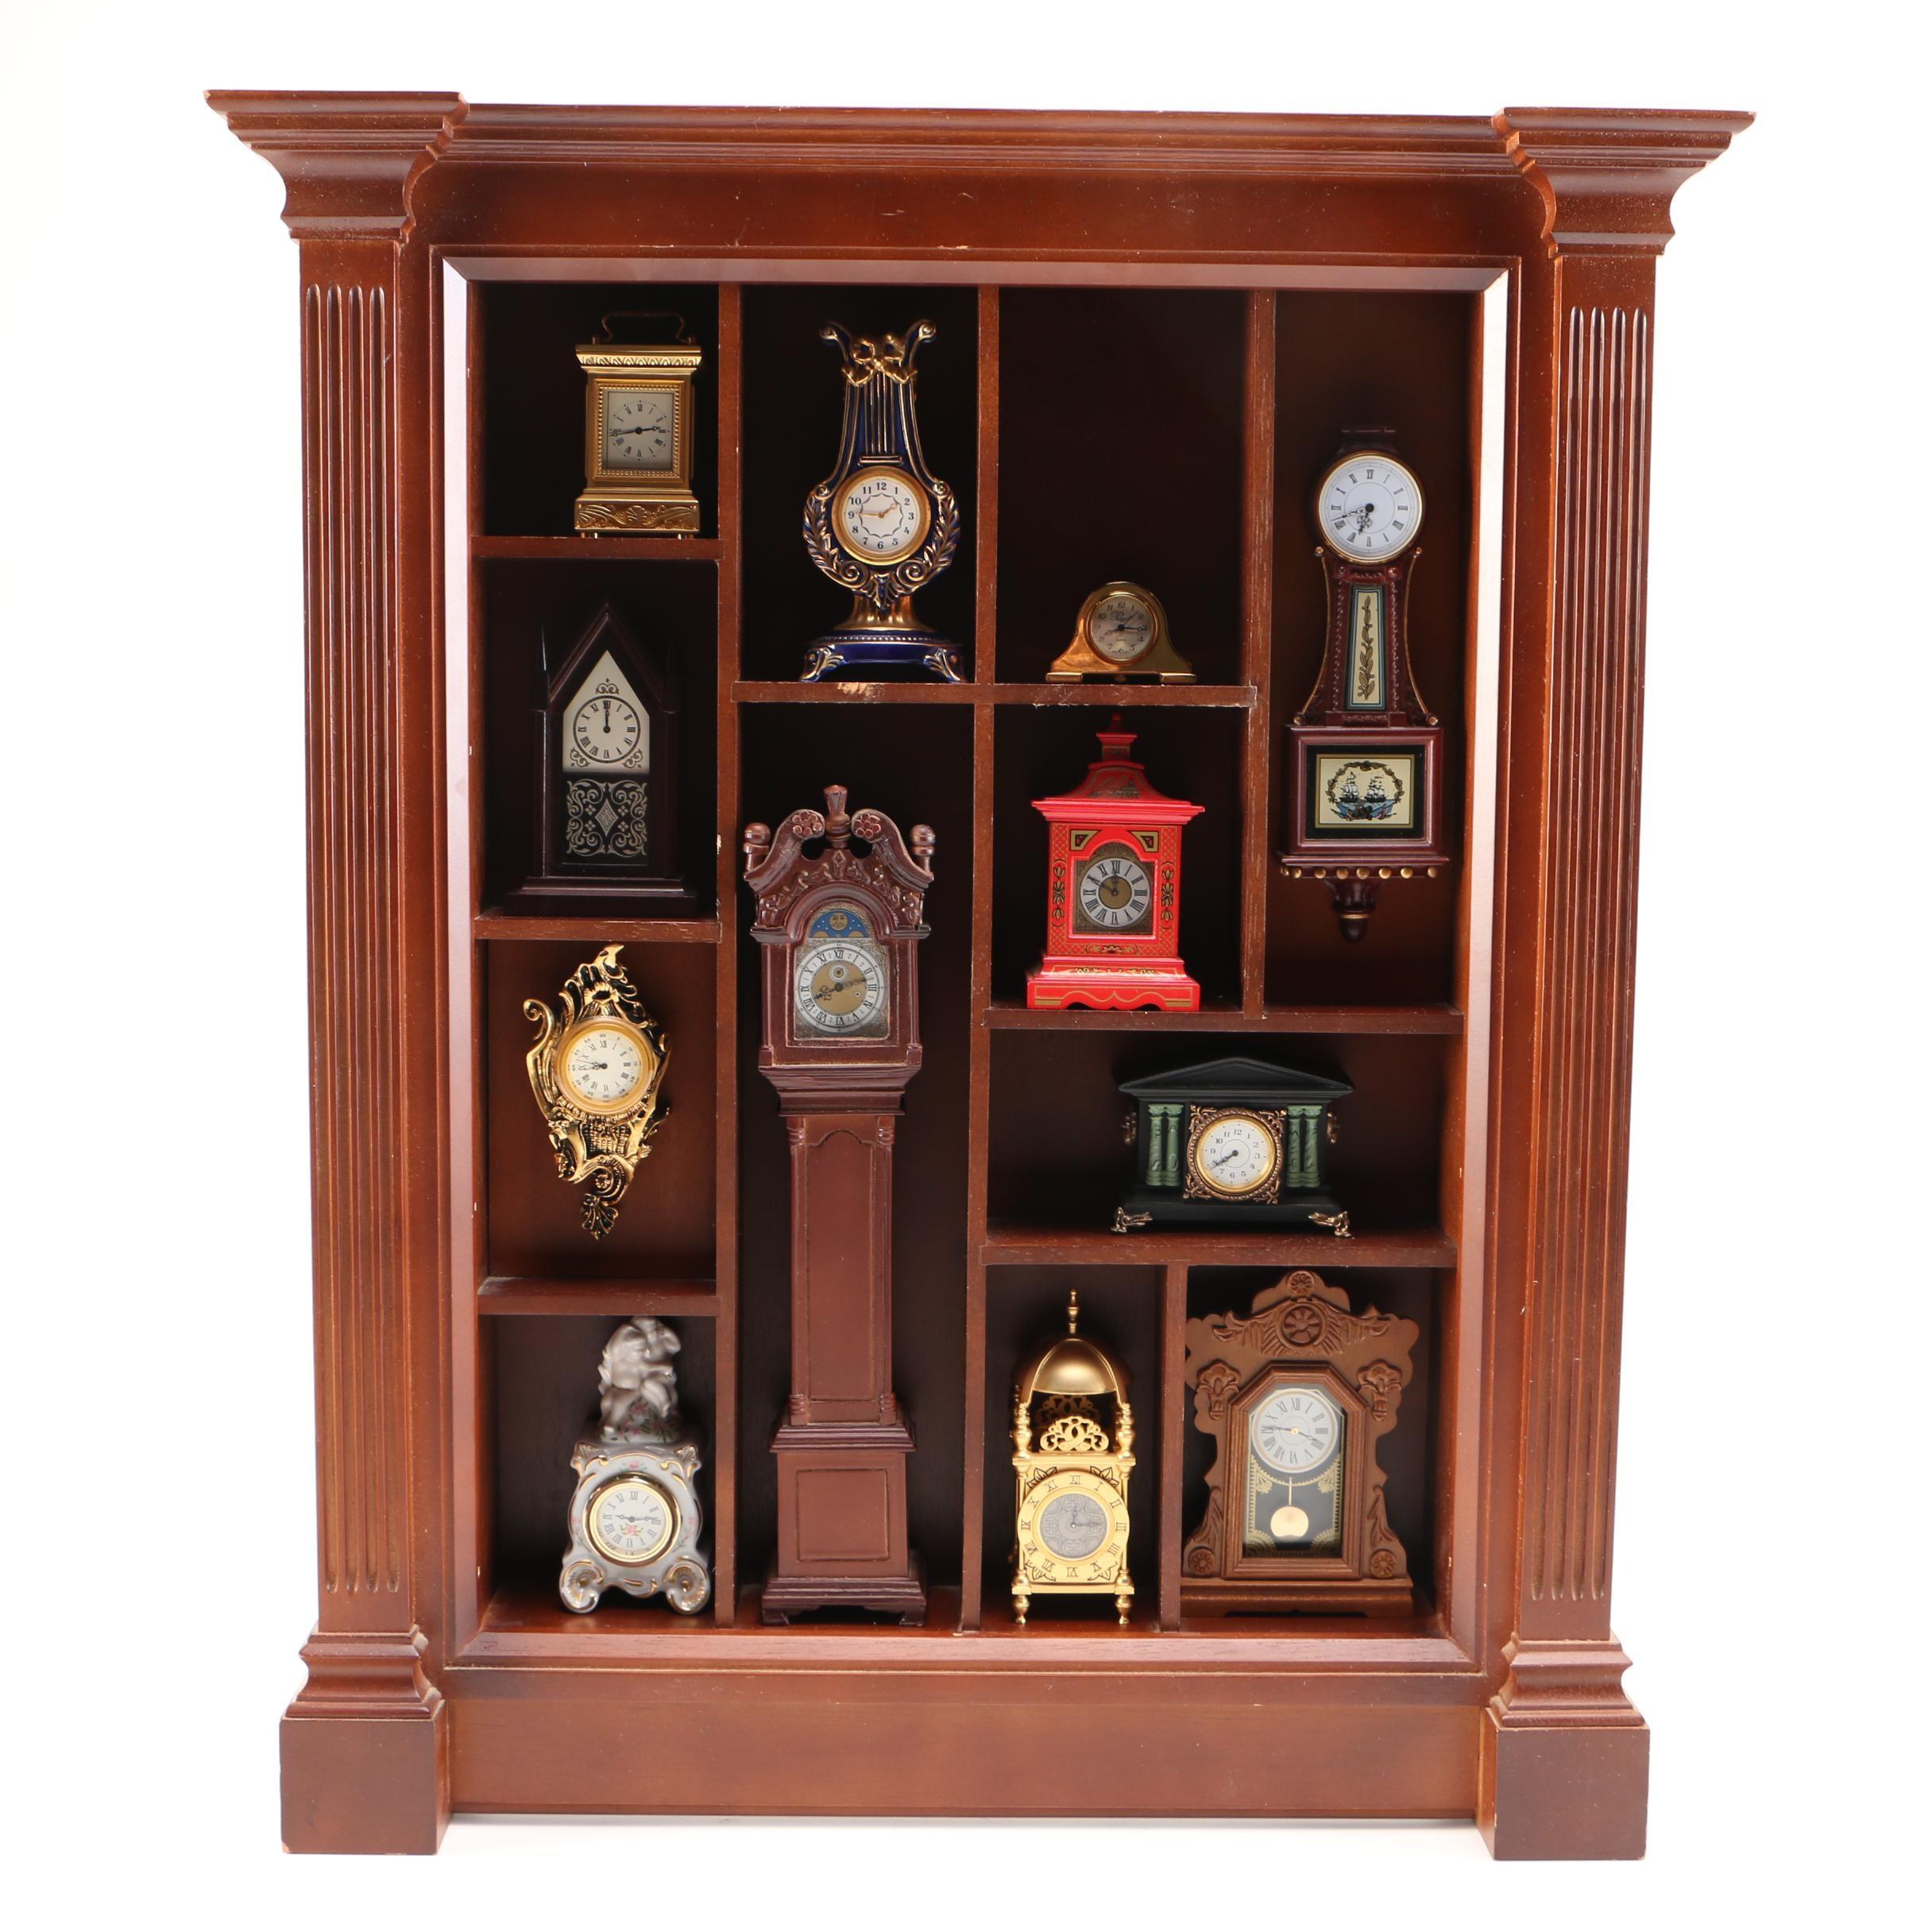 Franklin Mint Miniature Clocks With Display Cabinet